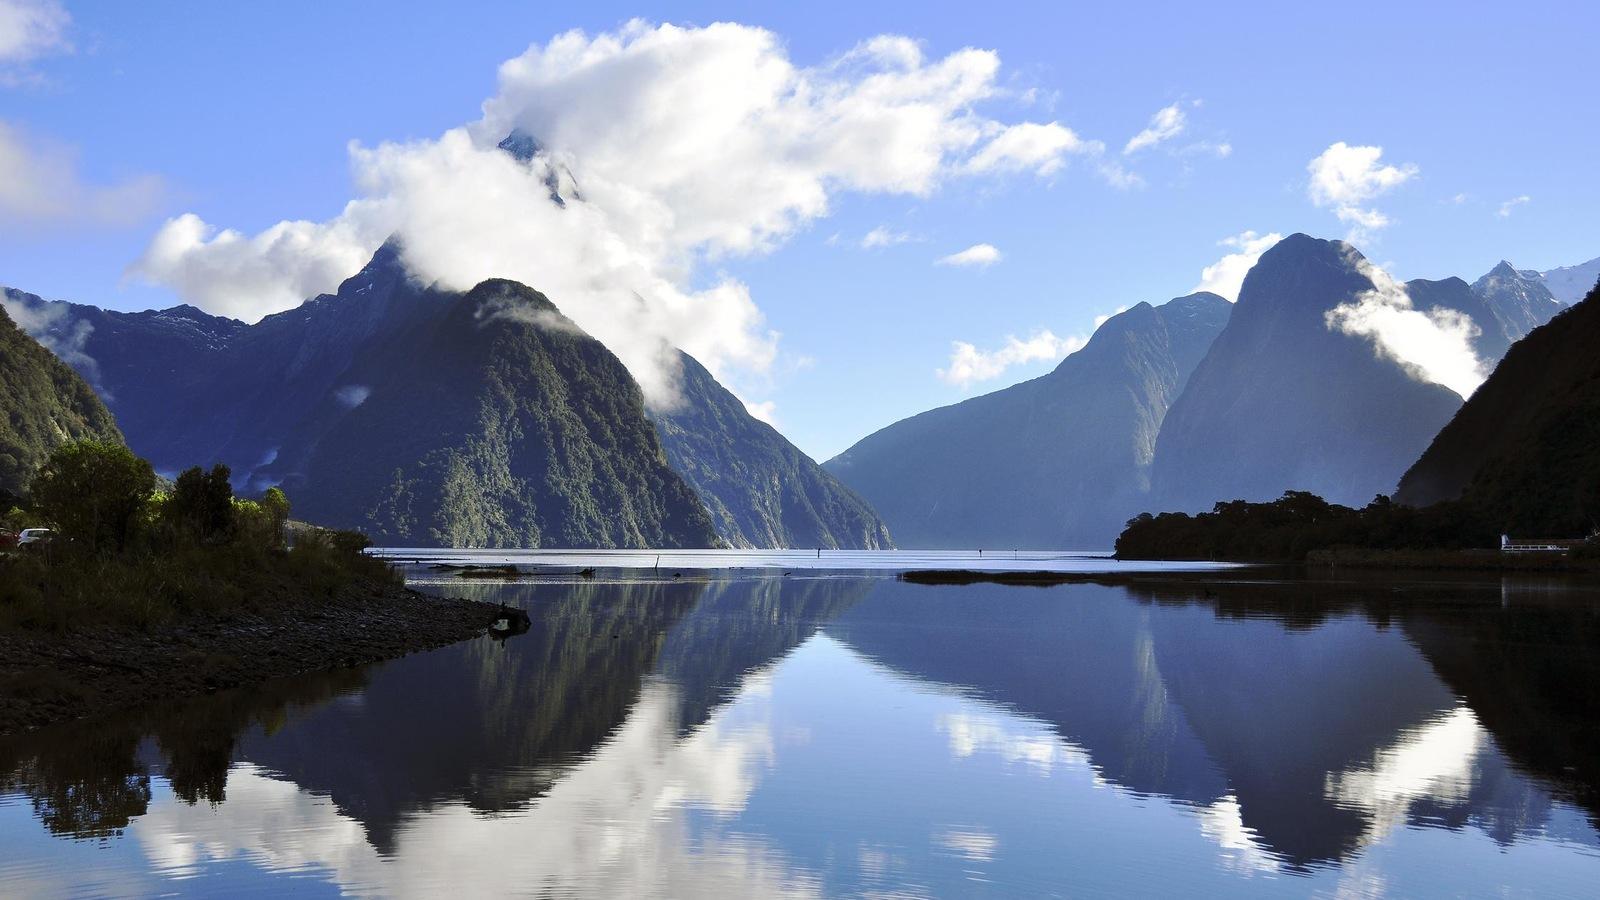 La Nouvelle-Zélande se distingue notamment par ses montagnes.